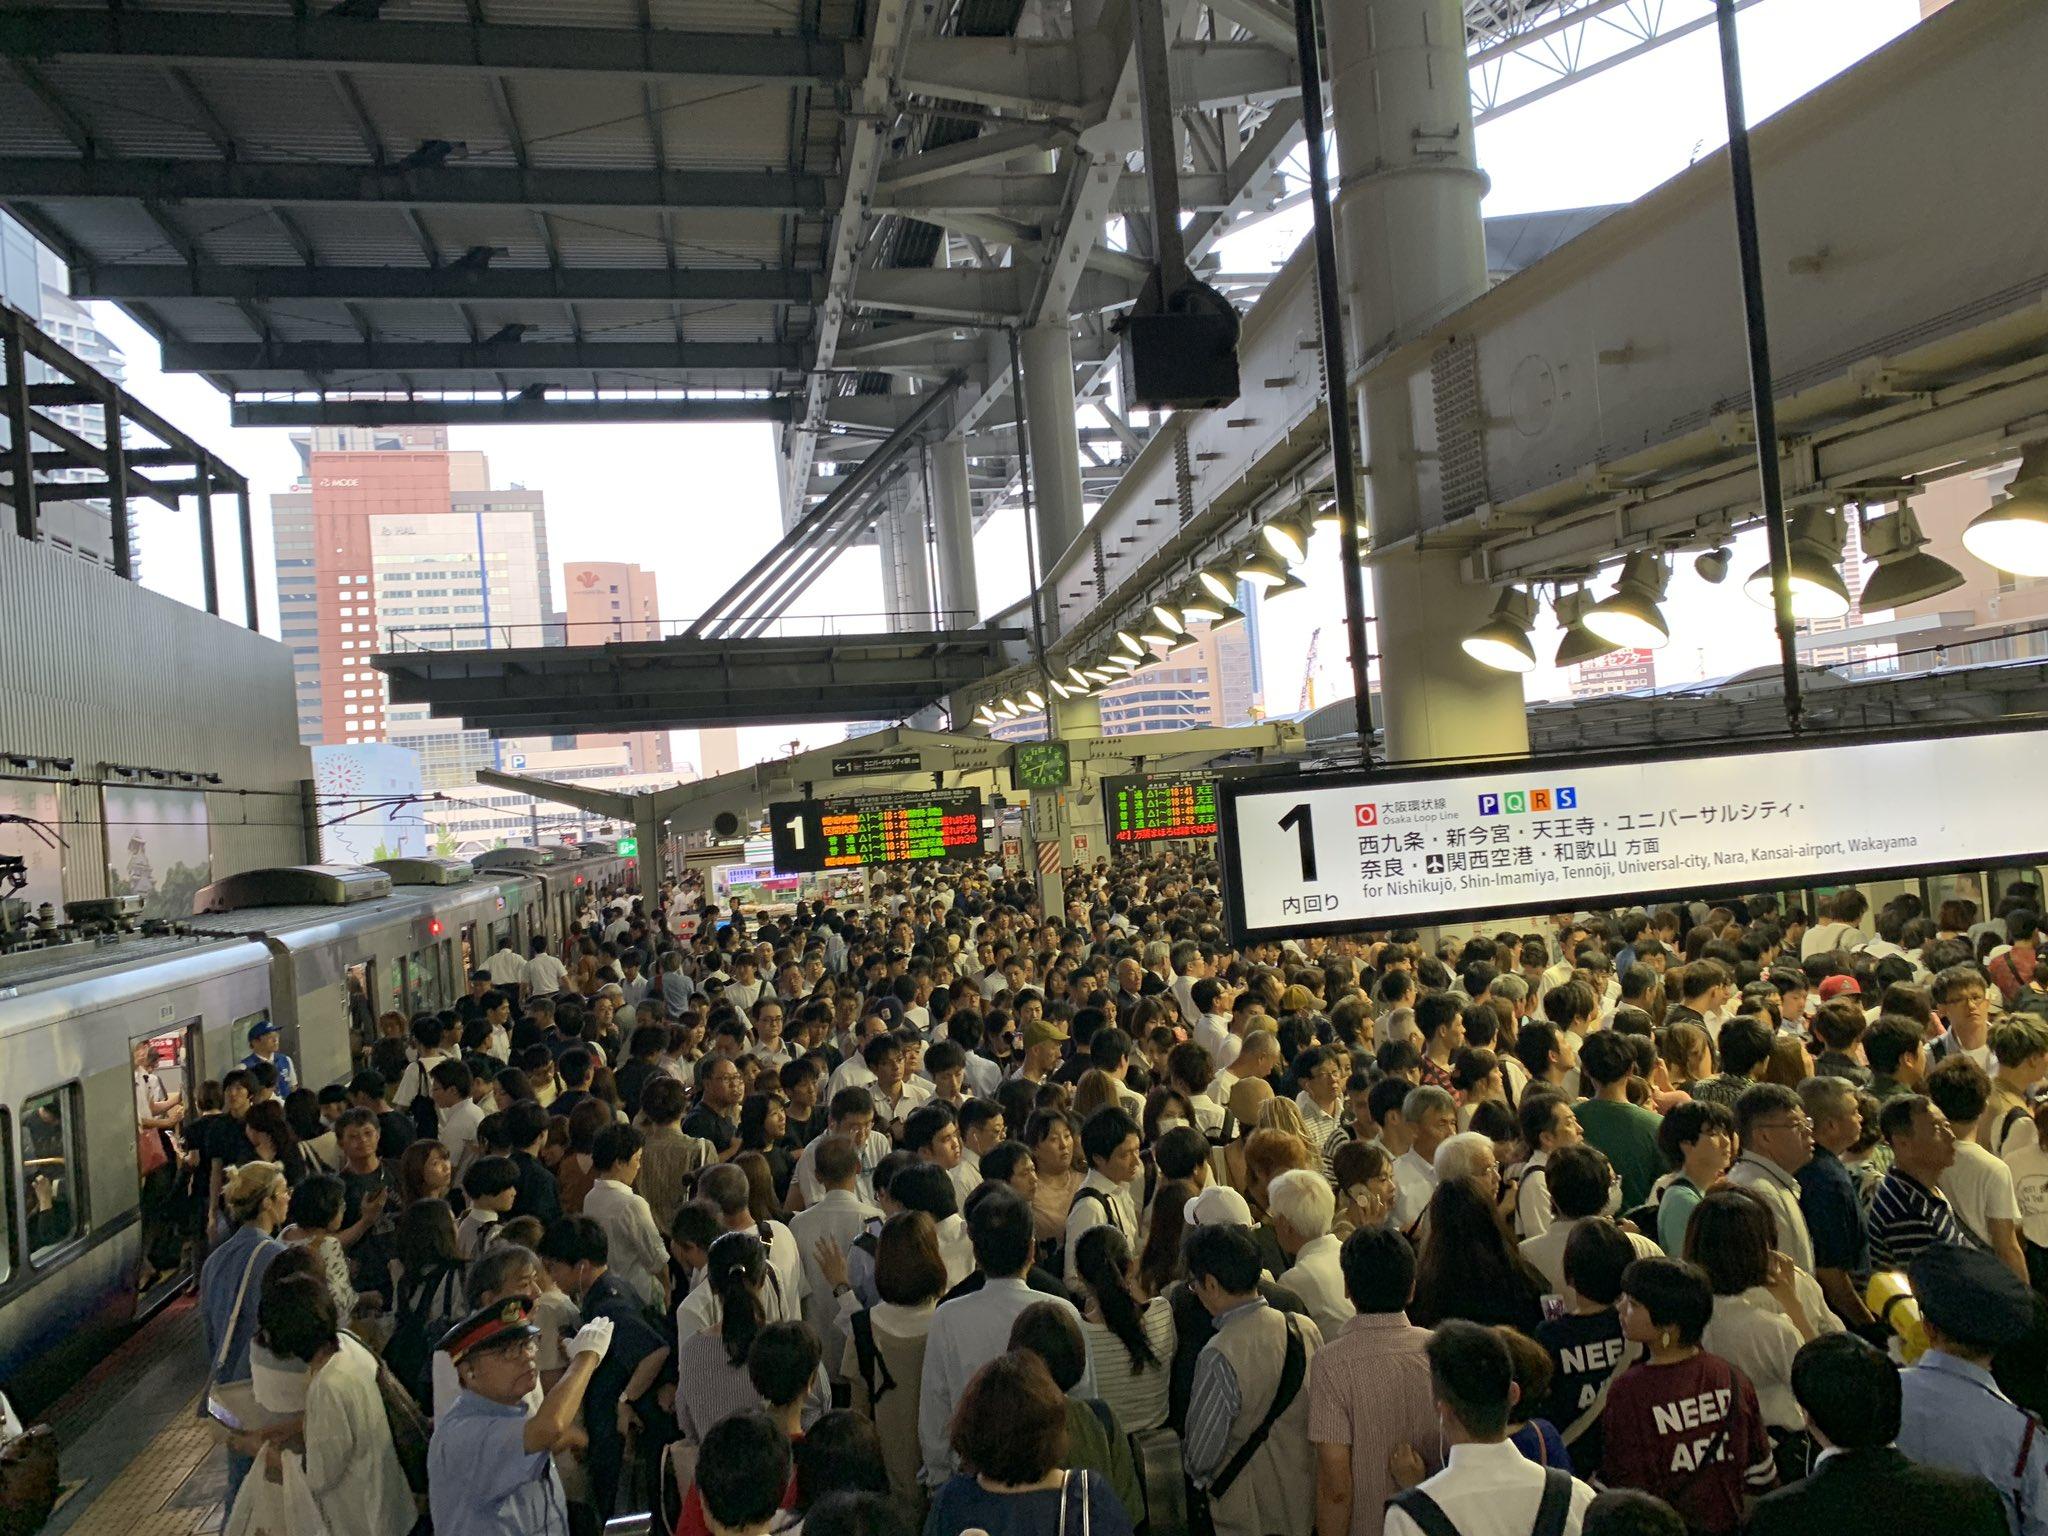 大阪駅が天神祭に行く人で混雑し入場規制が掛っている画像